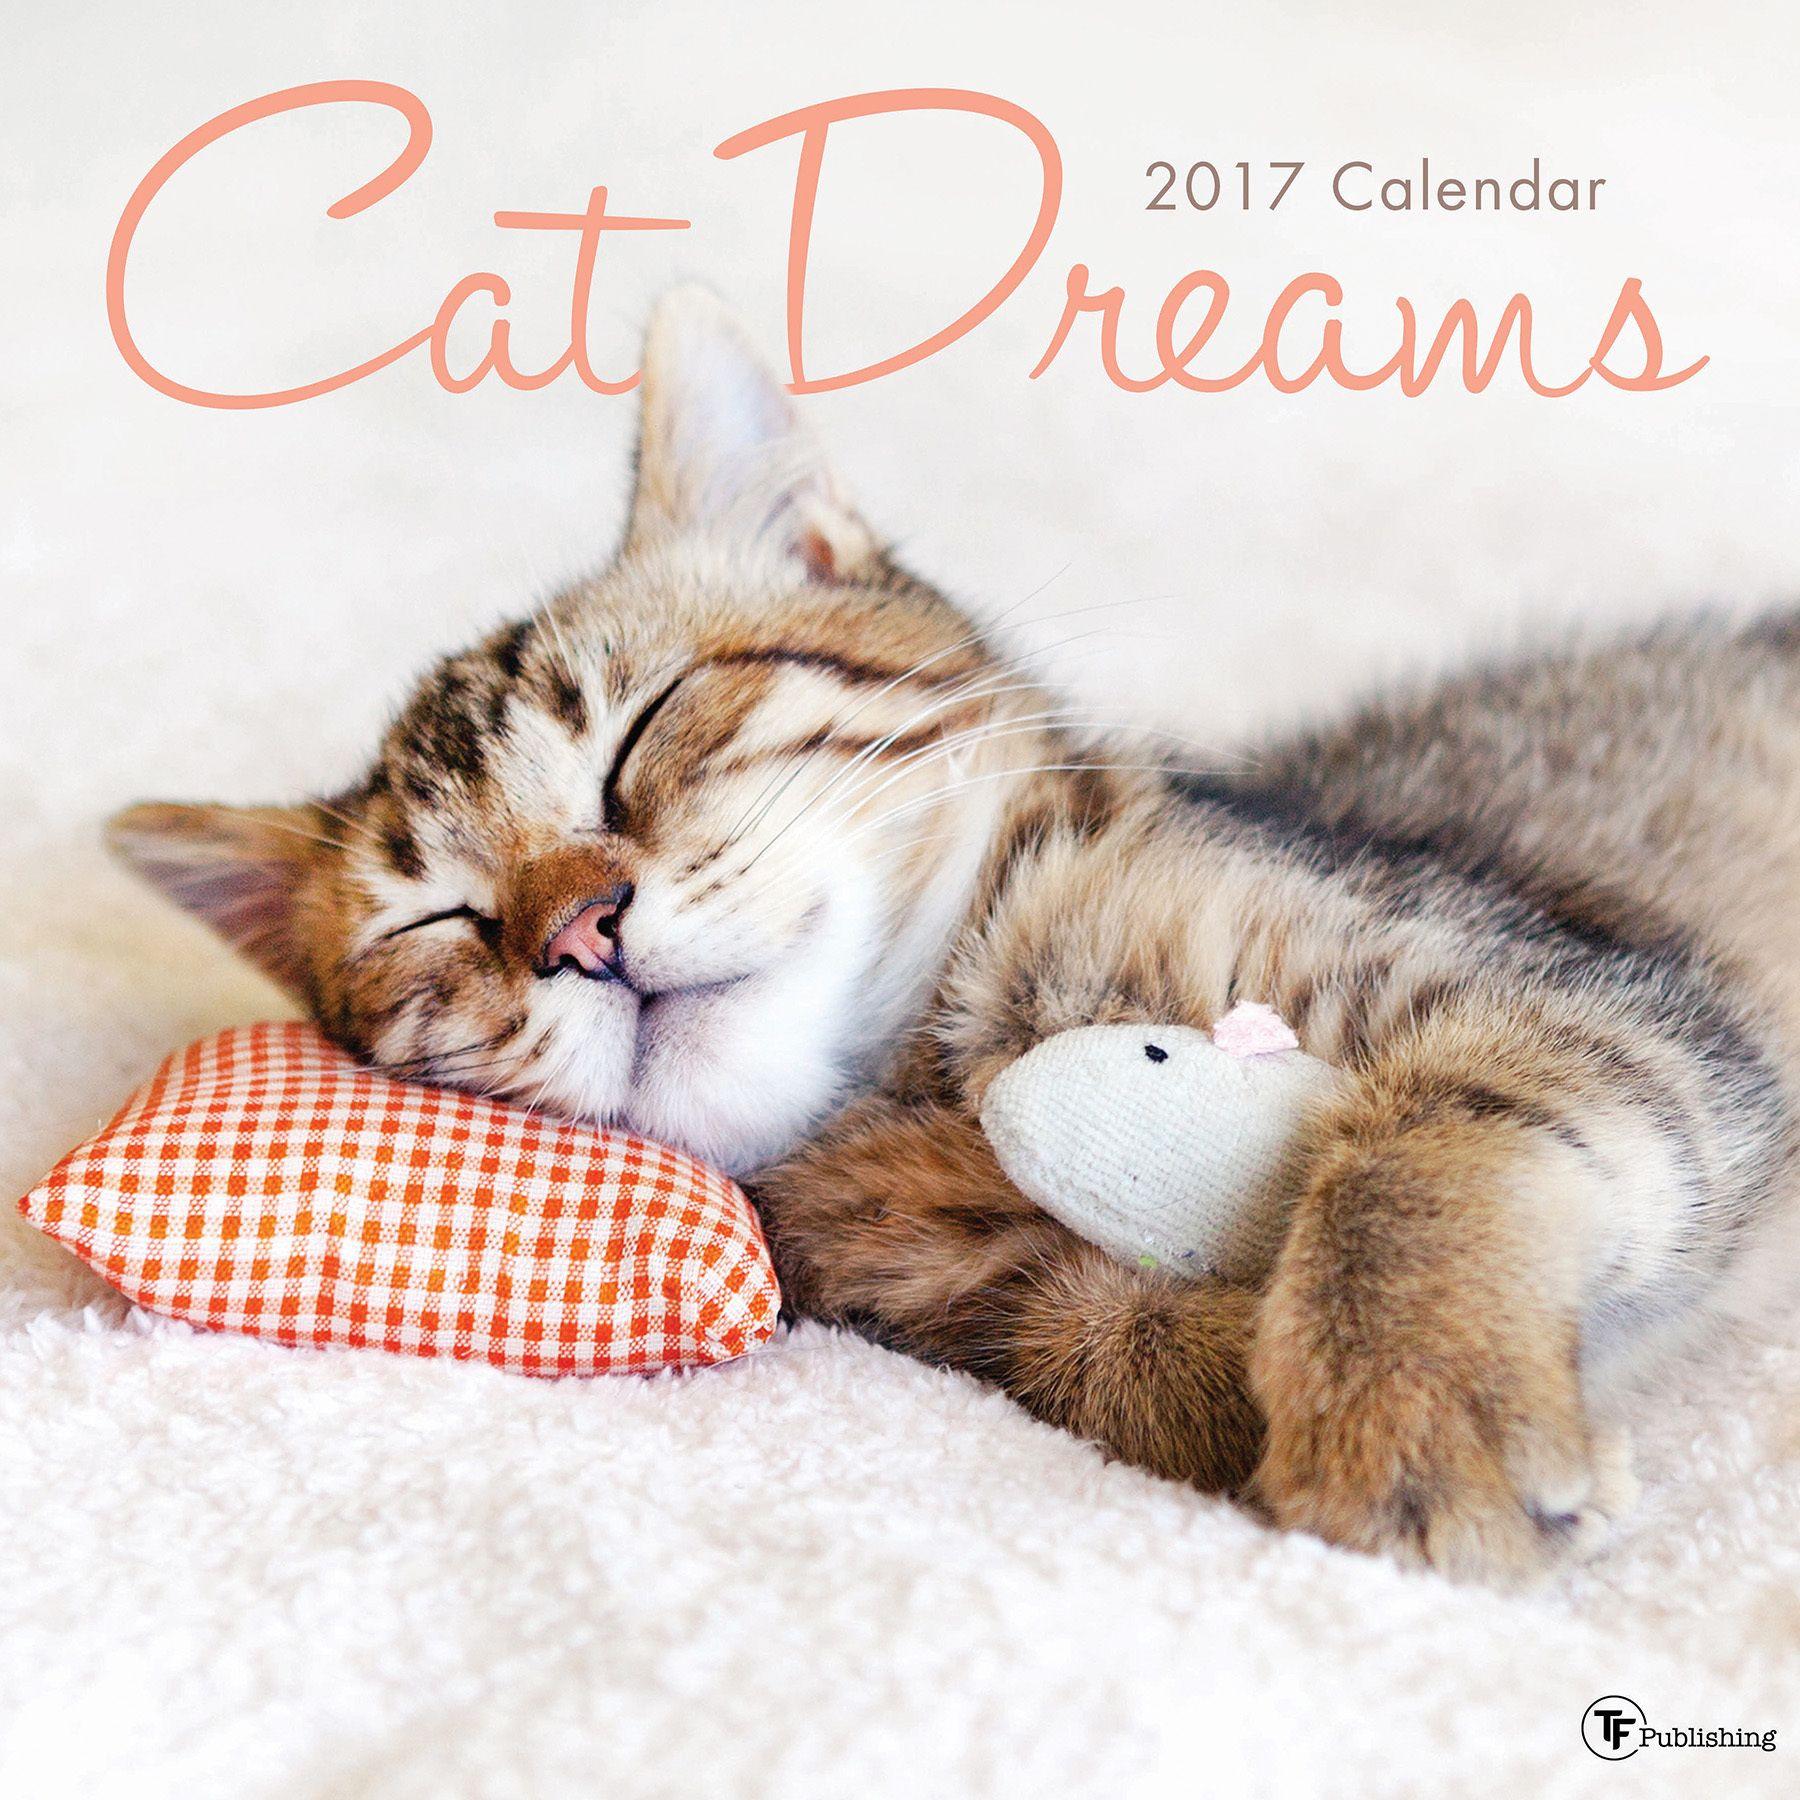 2017 Cat Dreams Wall Calendar